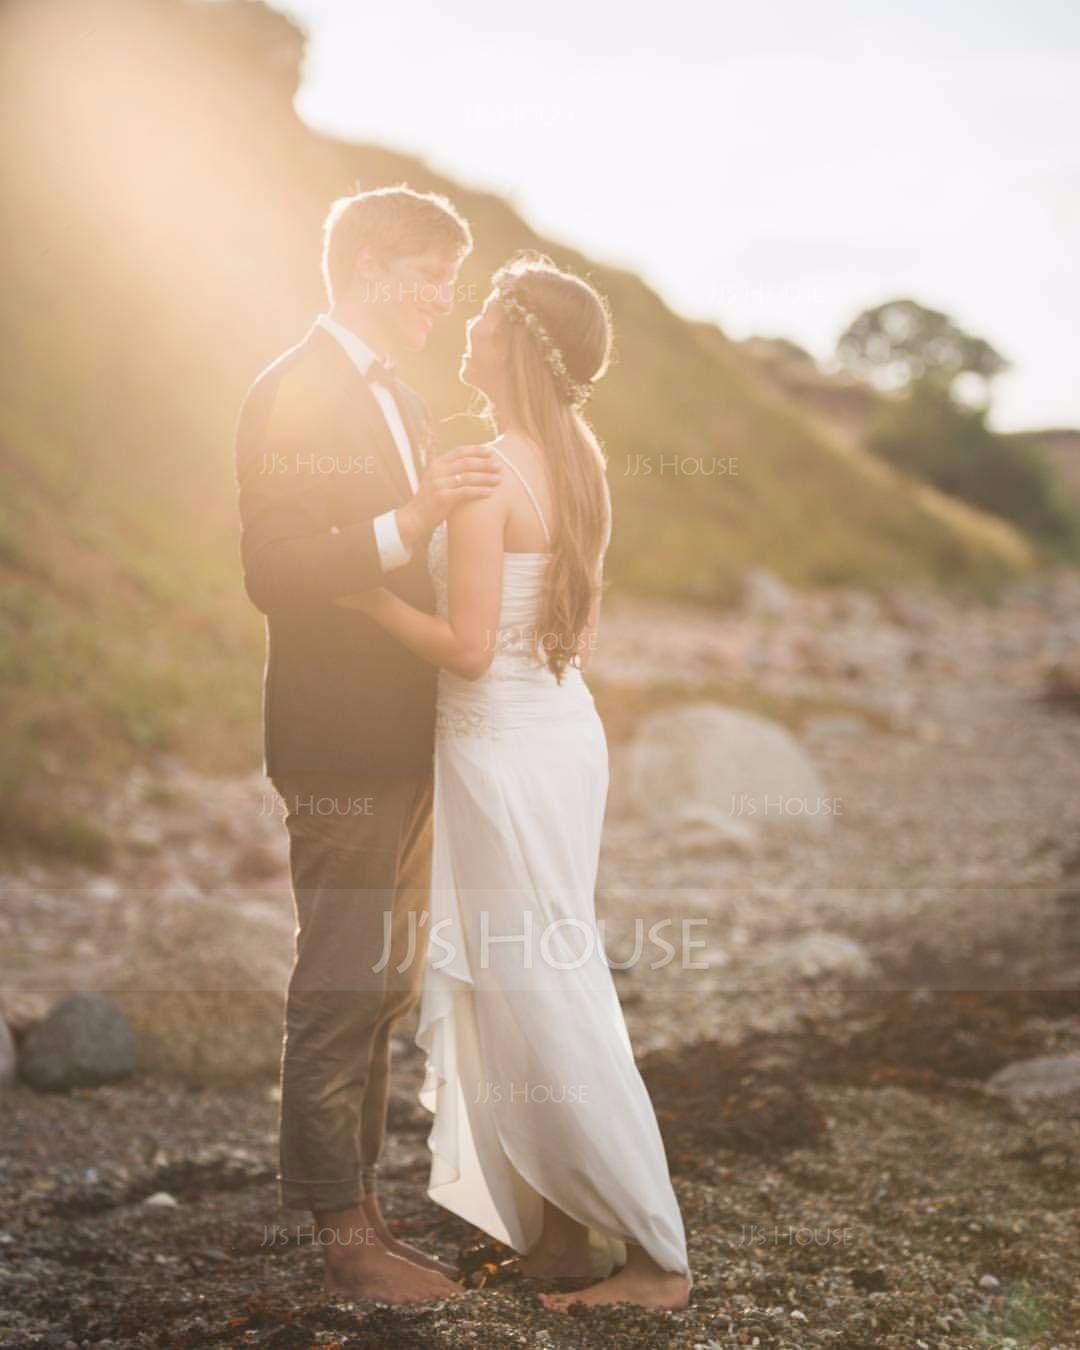 Jacka Älskling Asymmetrisk Chiffong Bröllopsklänning med Beading Applikationer Spetsar Paljetter Svallande Krås (002012020)